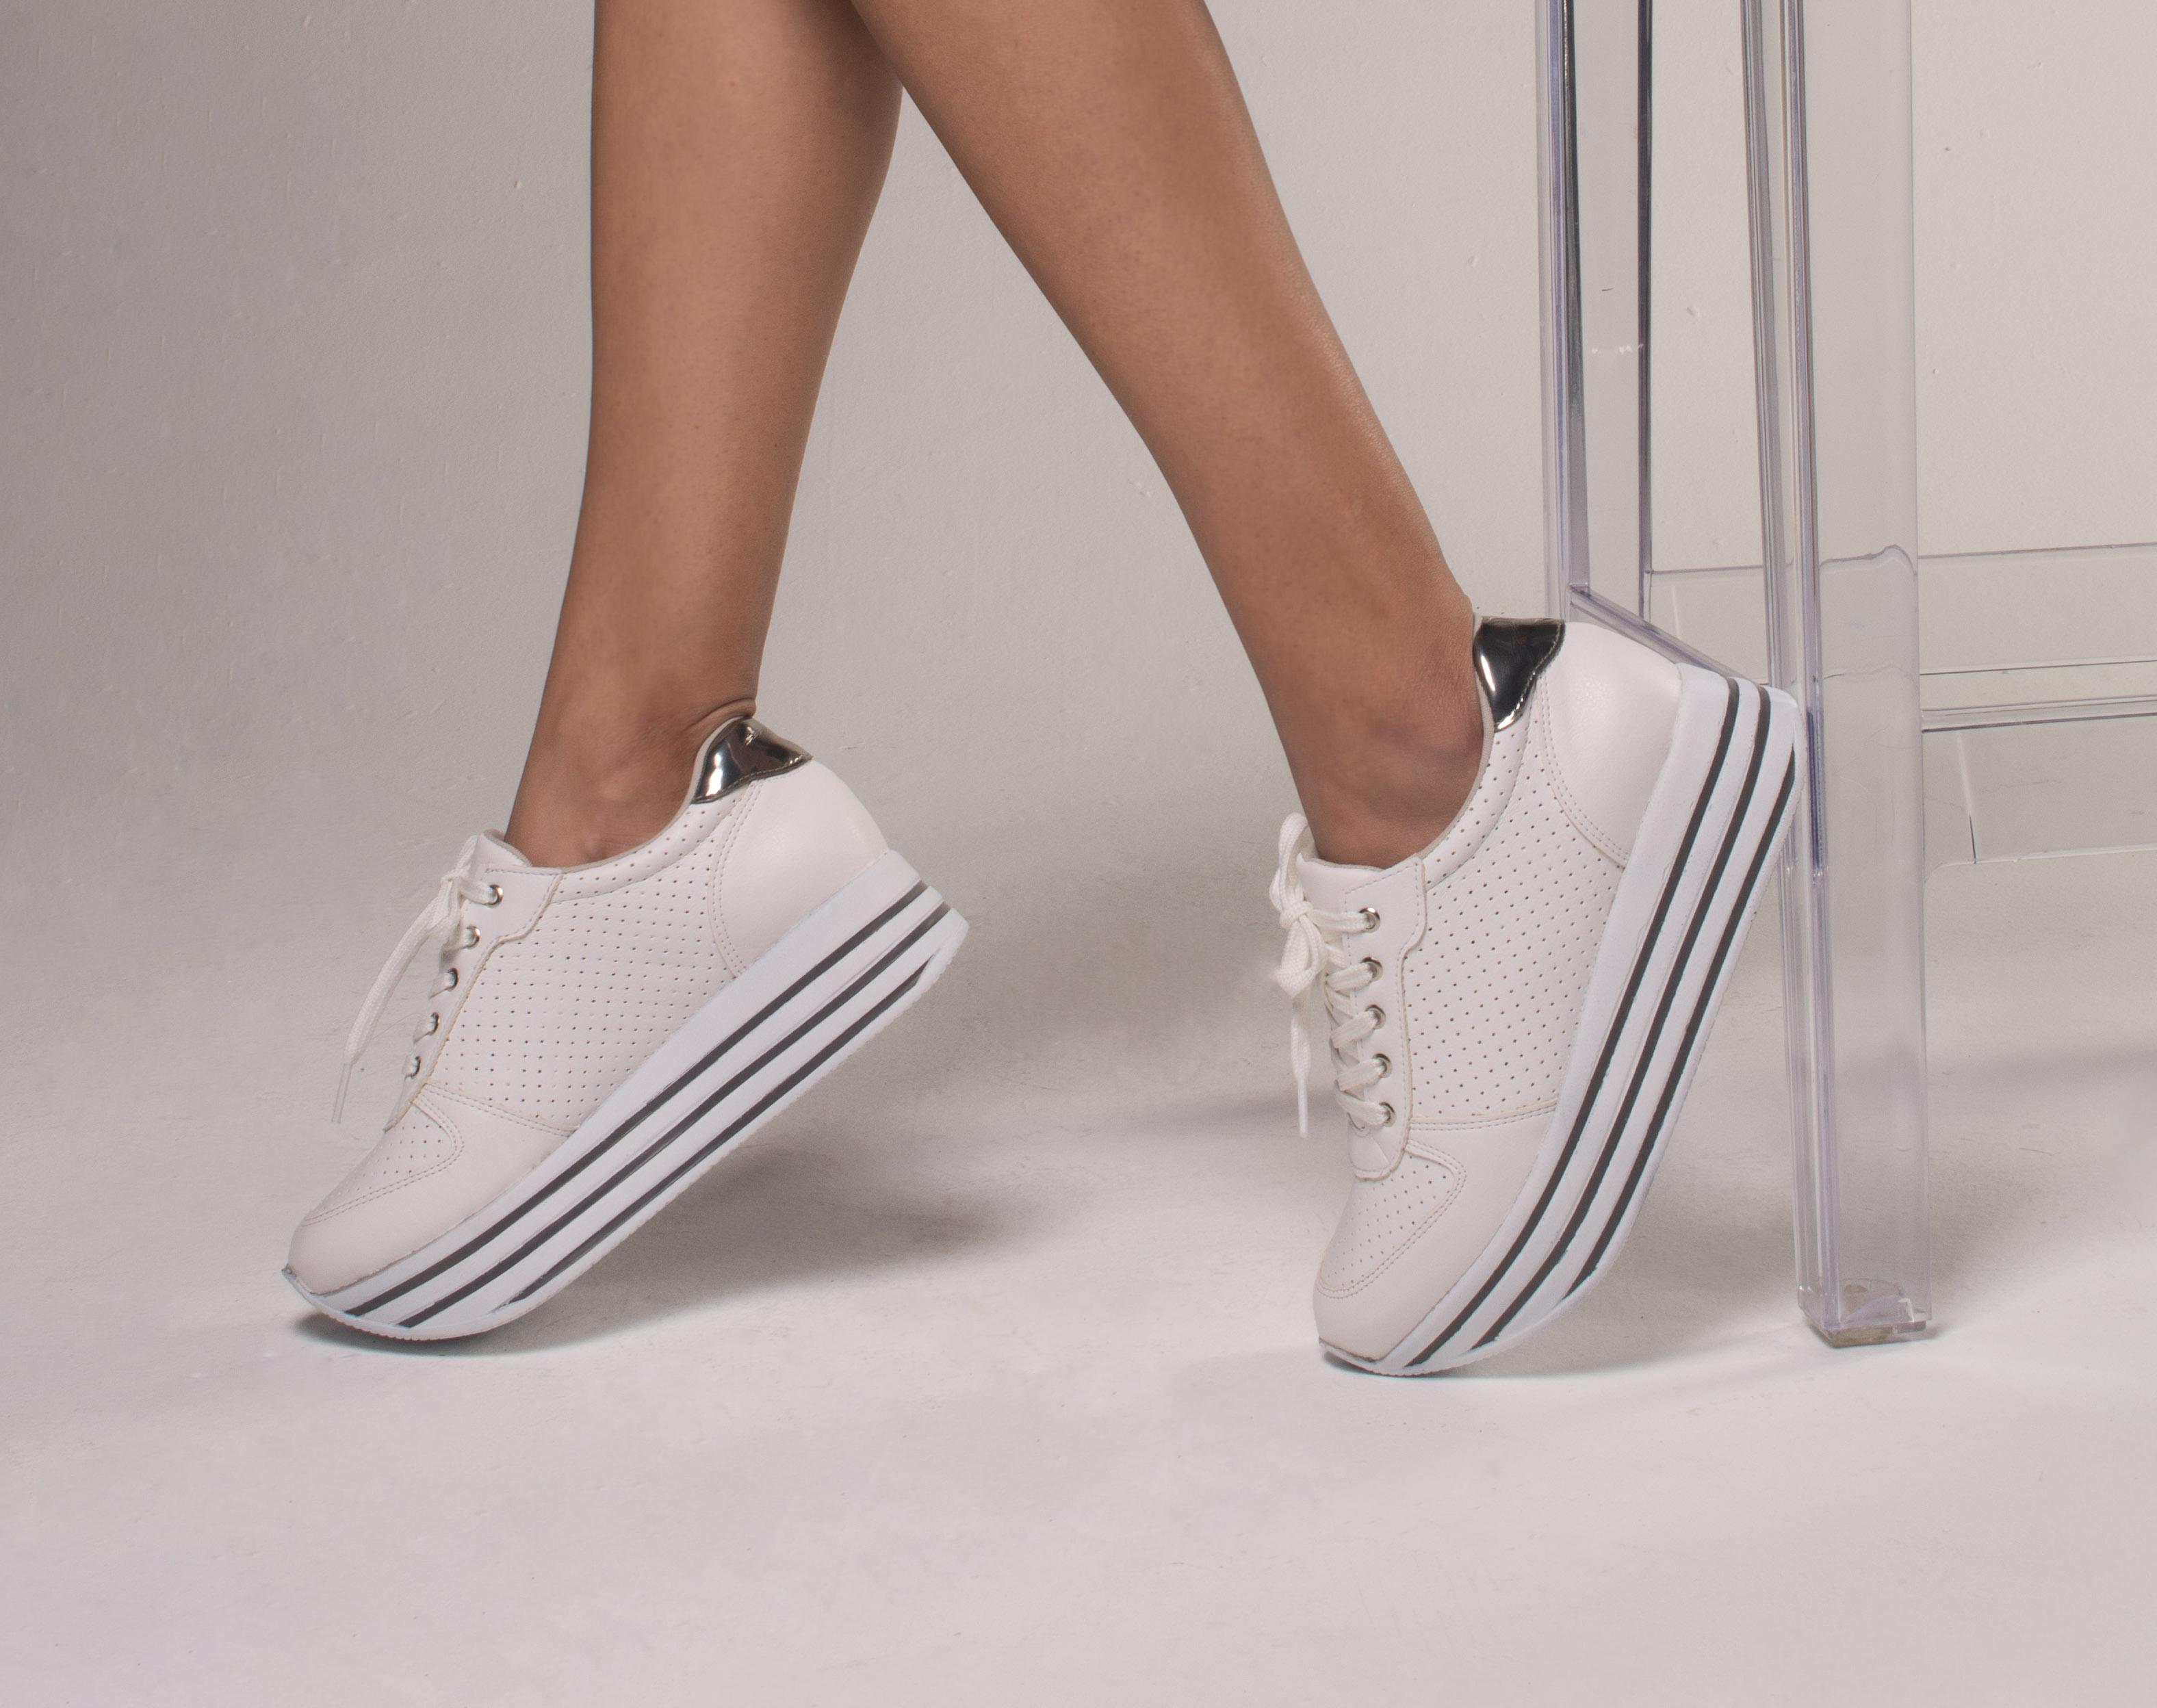 9d32b86bcfc Casual - Trend - White - Fashion - Solado Alto - Style - Ref. 17-4504